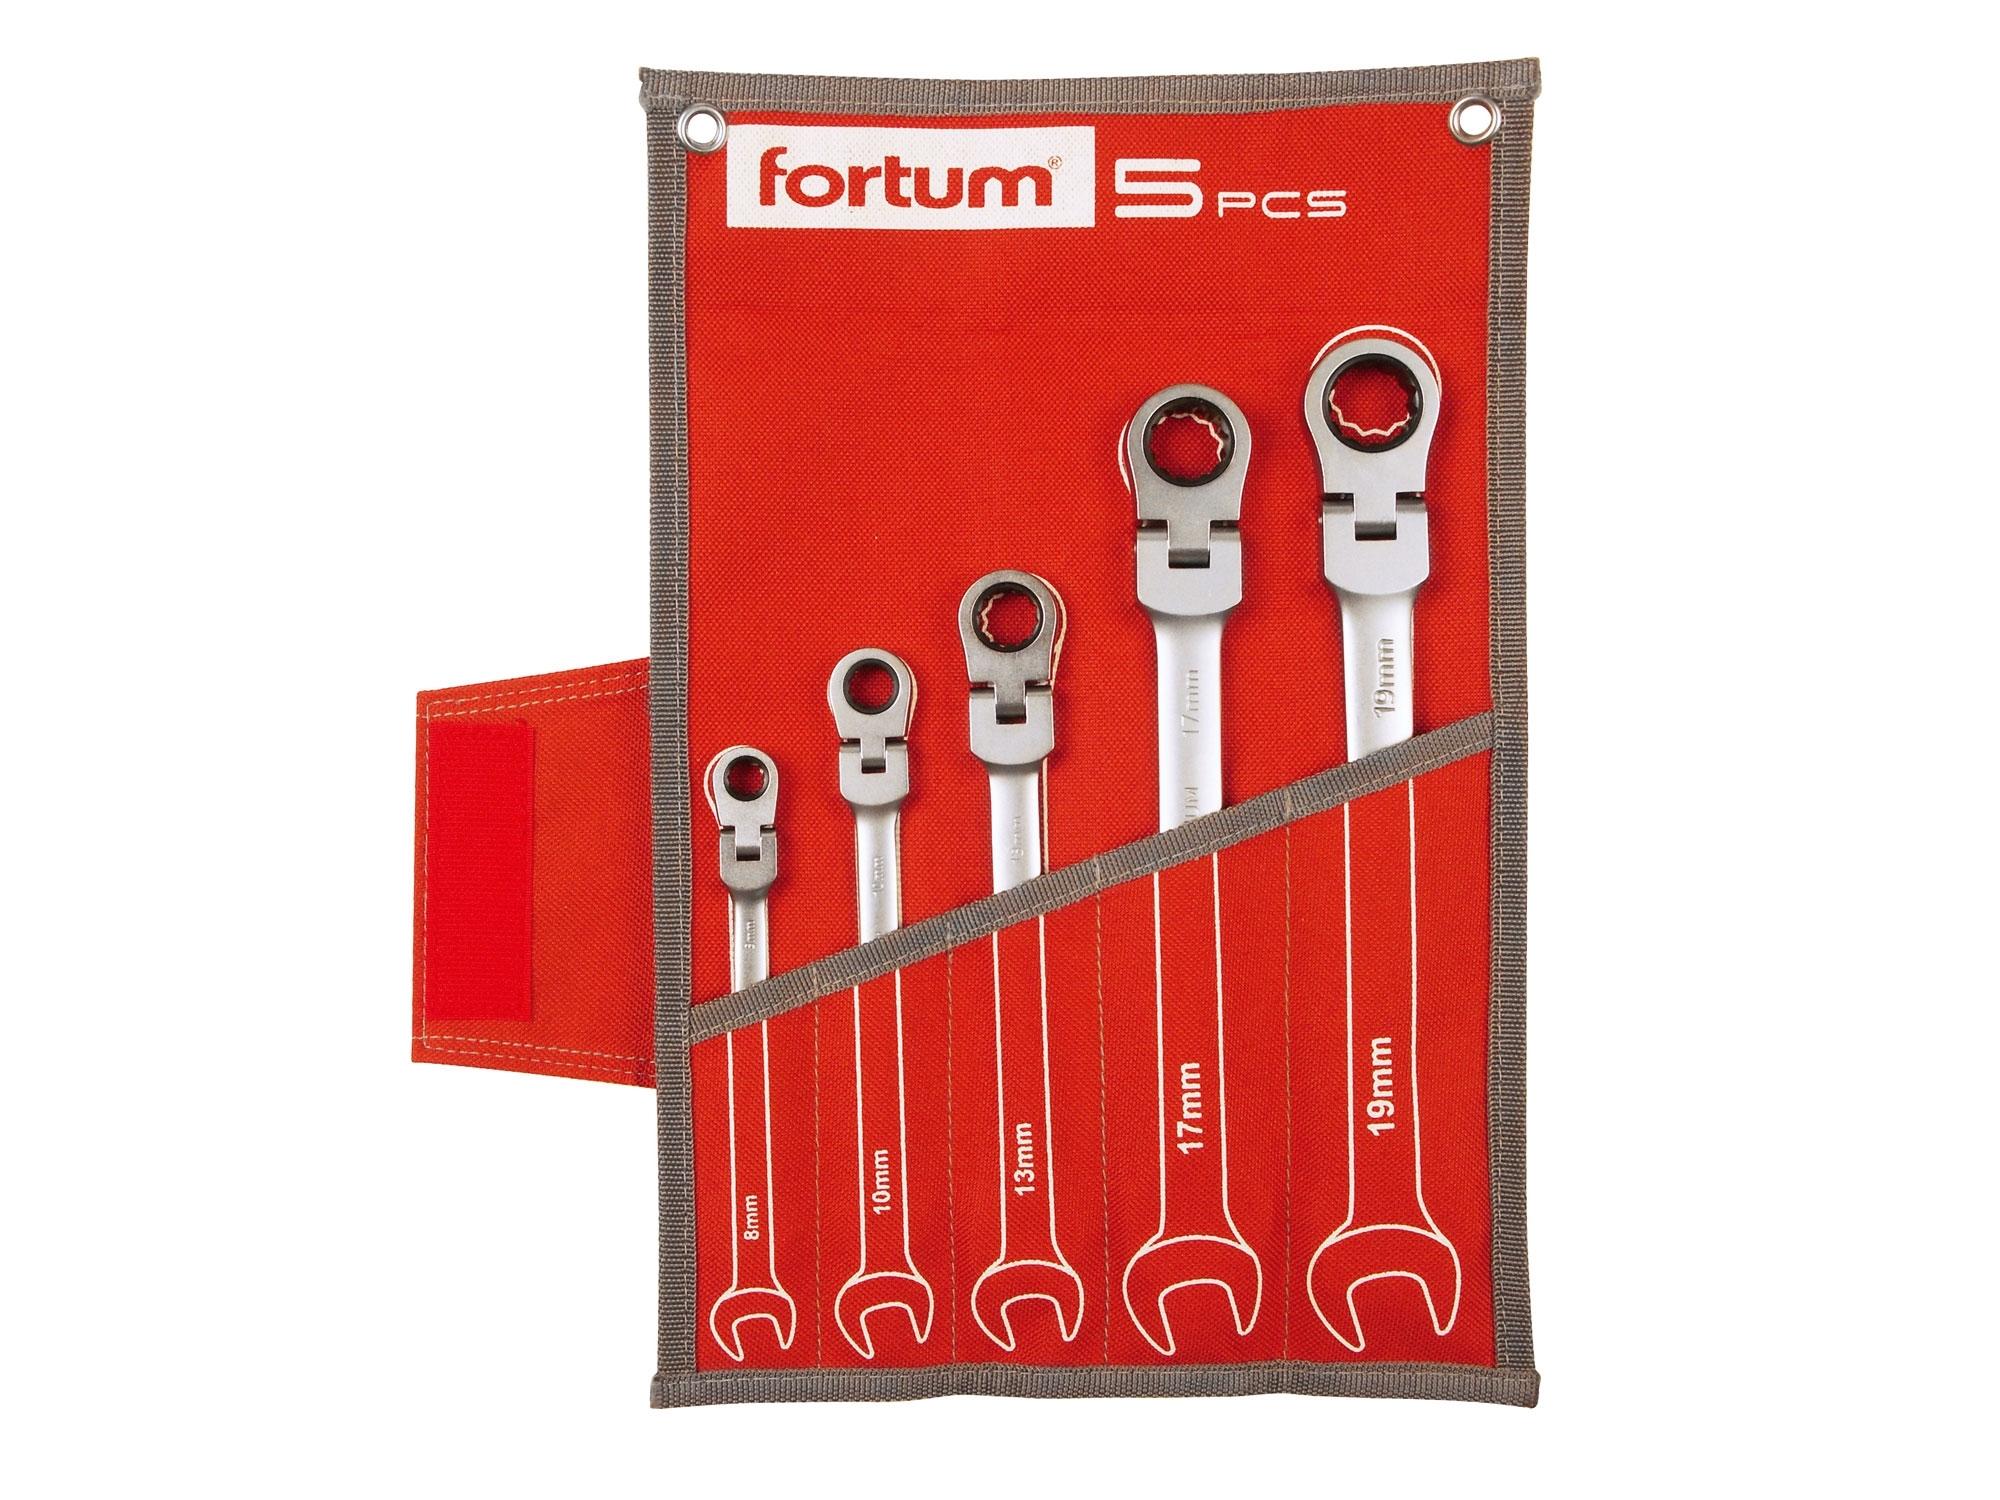 klíče ráčnové očkoploché s kloubem, sada 5ks, 8-19mm, FORTUM 4720201